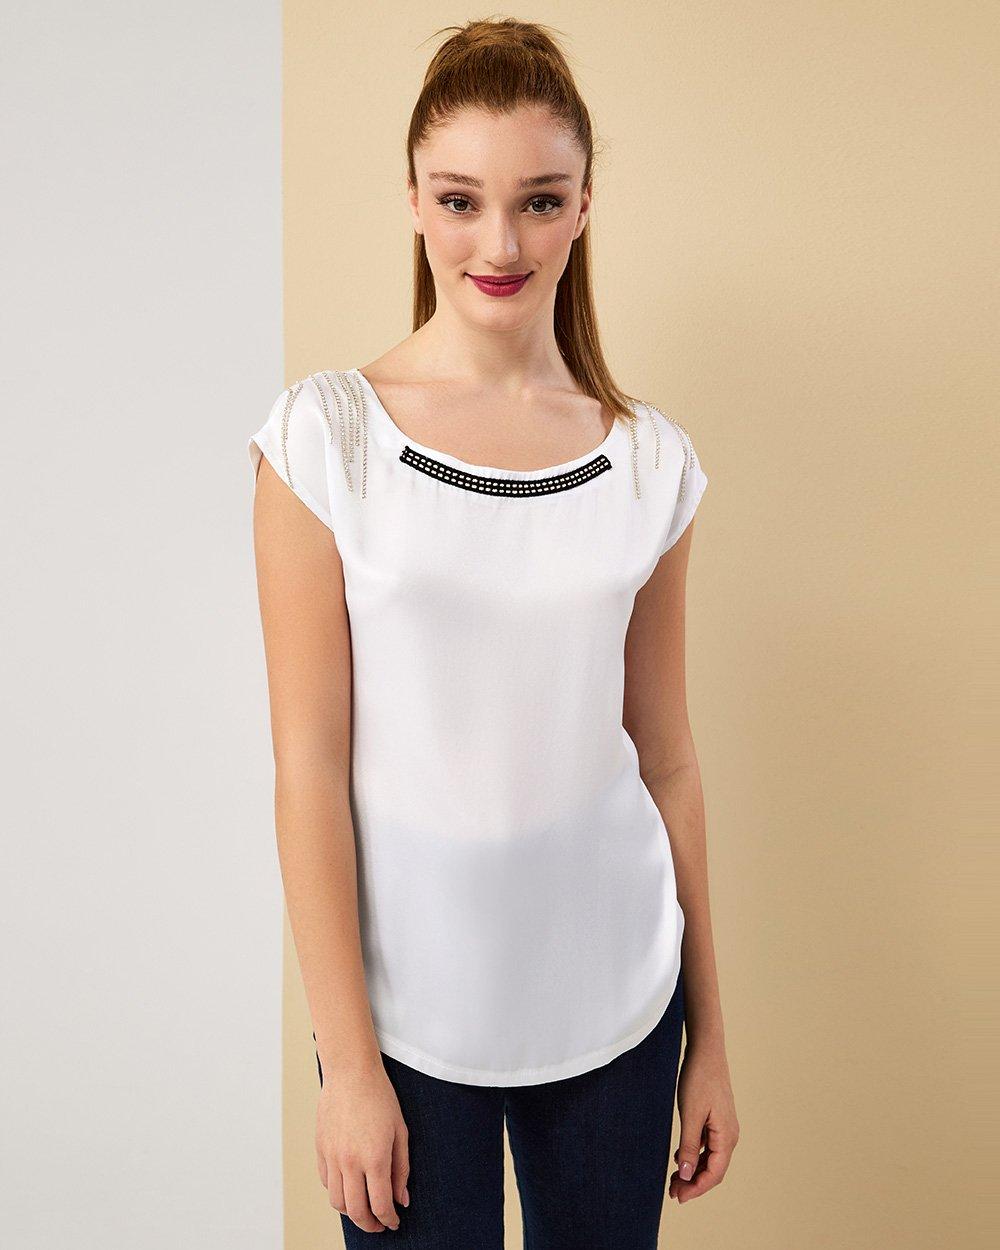 Μπλούζα με αλυσίδες στους ώμους